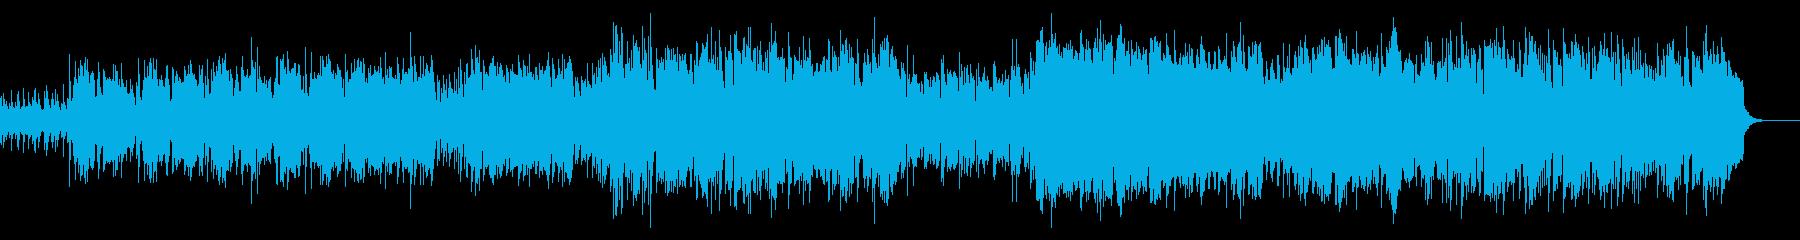 ほのぼのケルト フル版の再生済みの波形